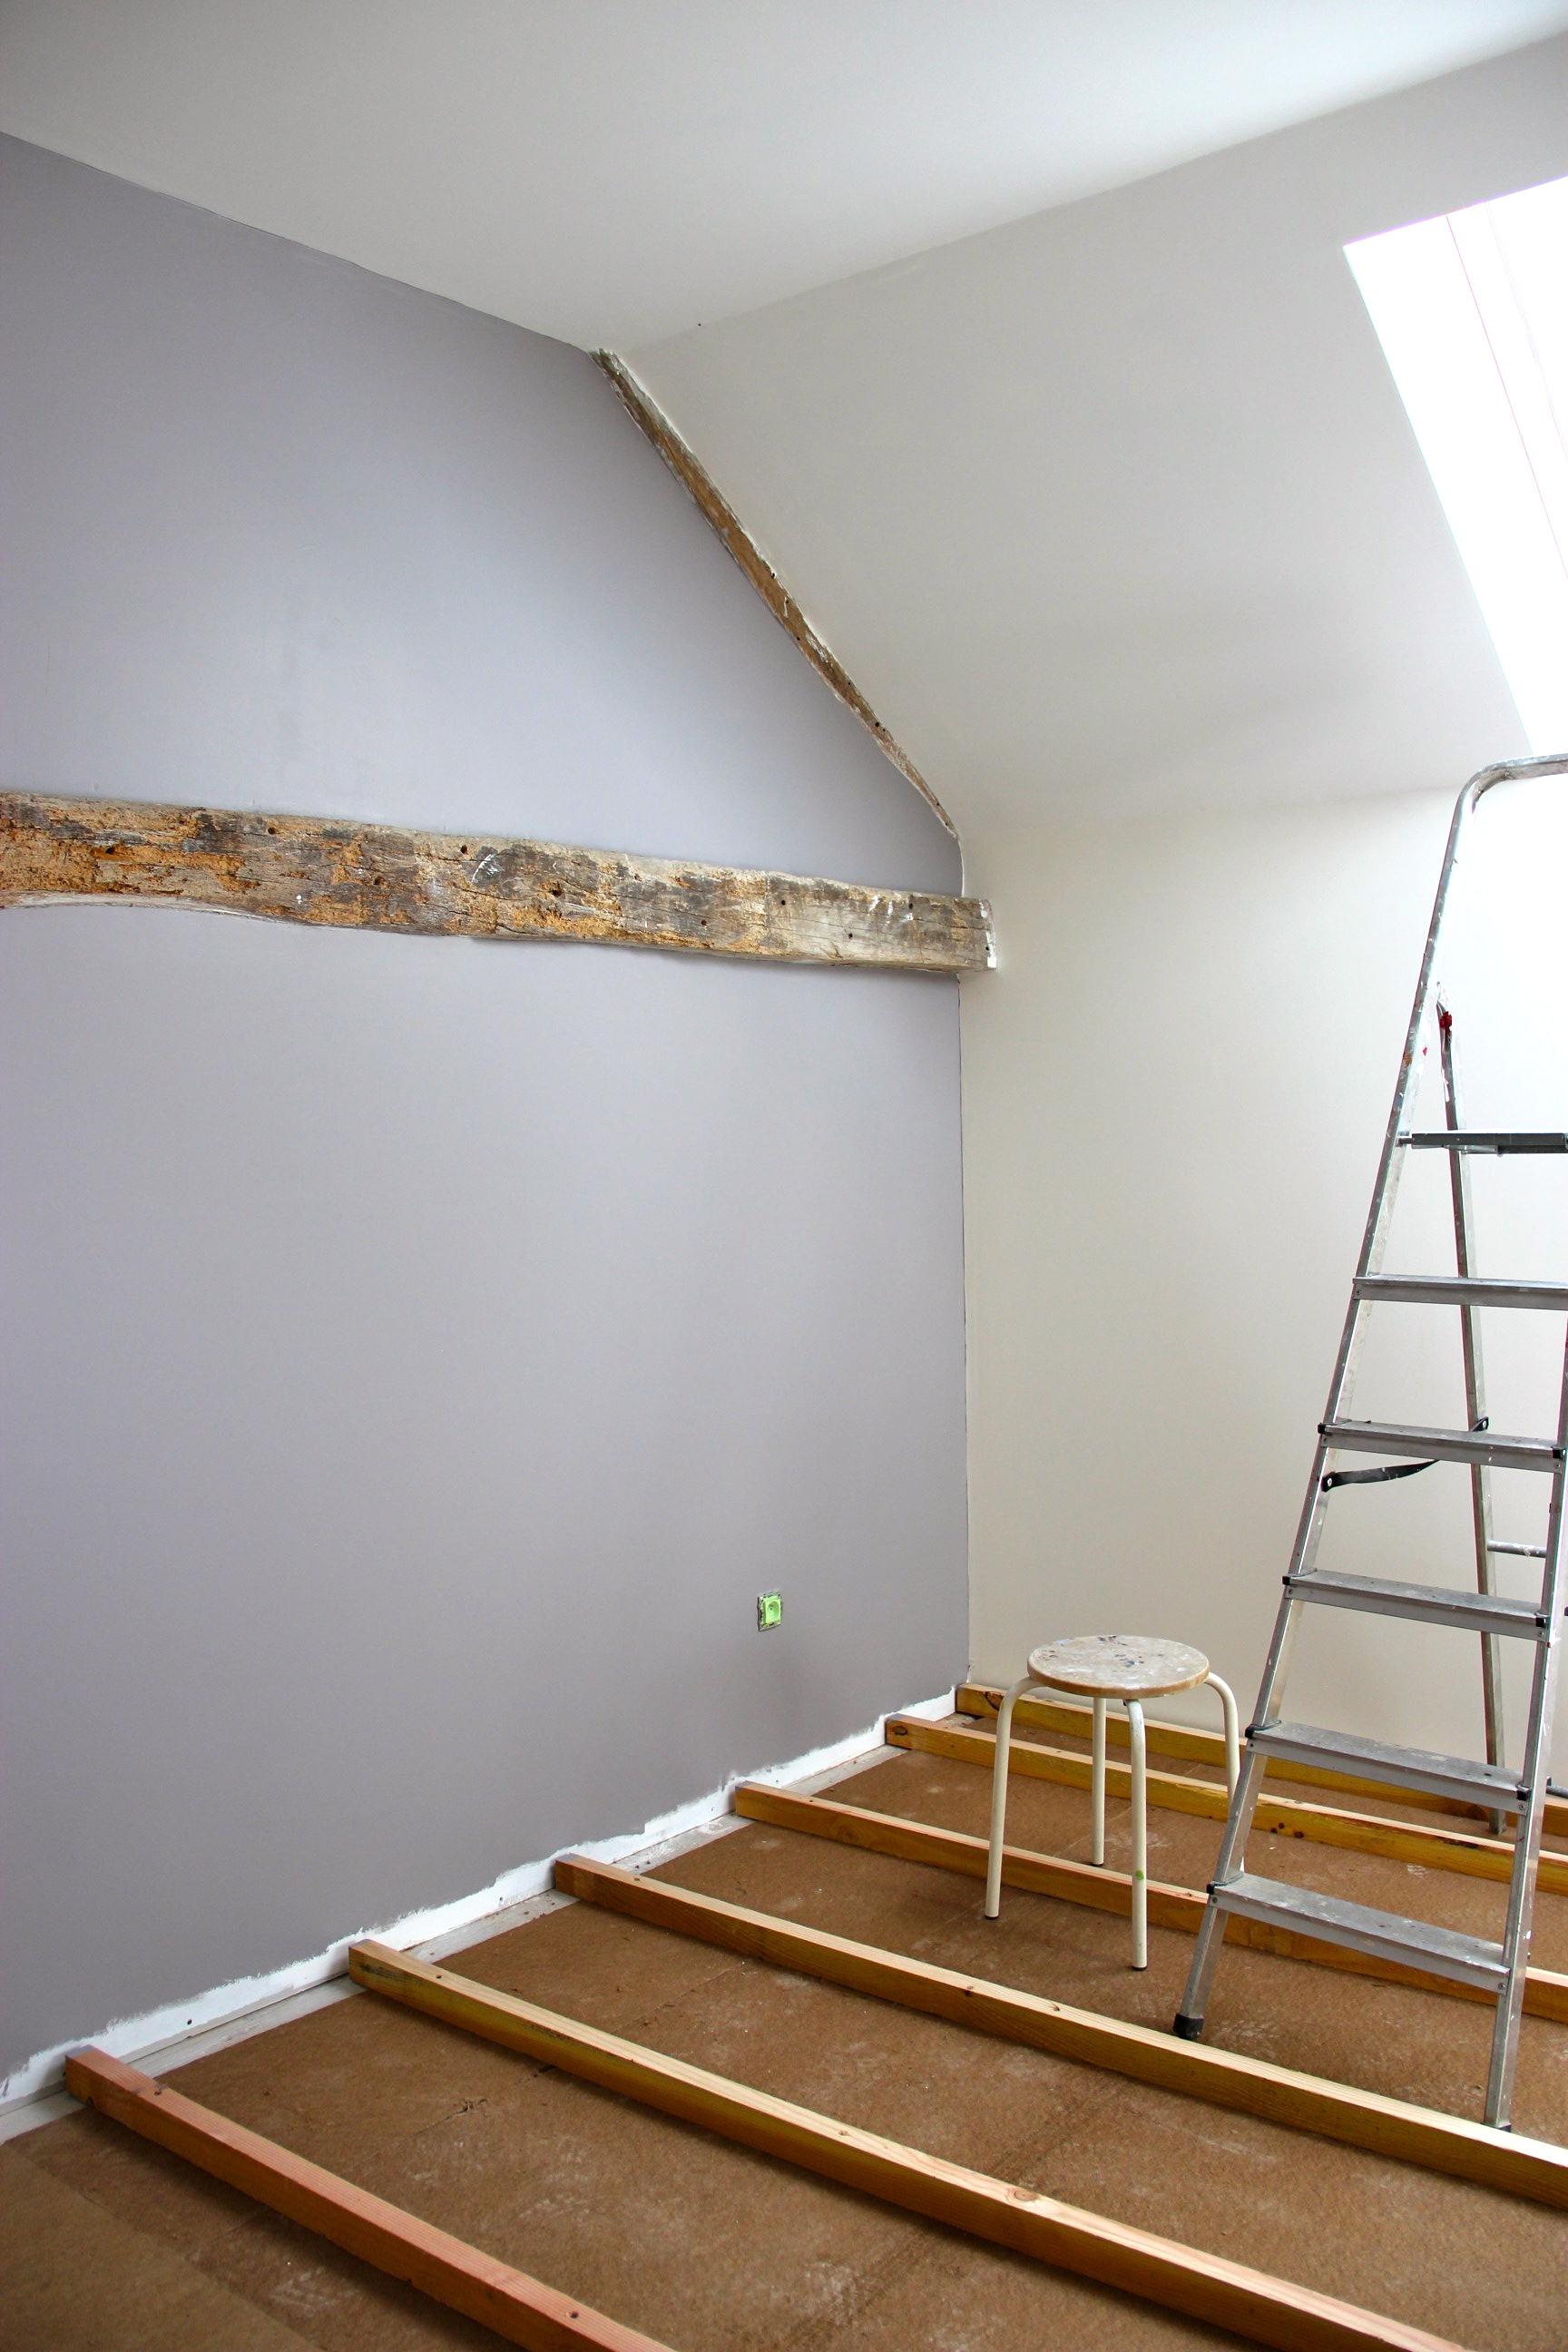 le taupe pour un pan de mur dans ce salon plut t lumineux. Black Bedroom Furniture Sets. Home Design Ideas